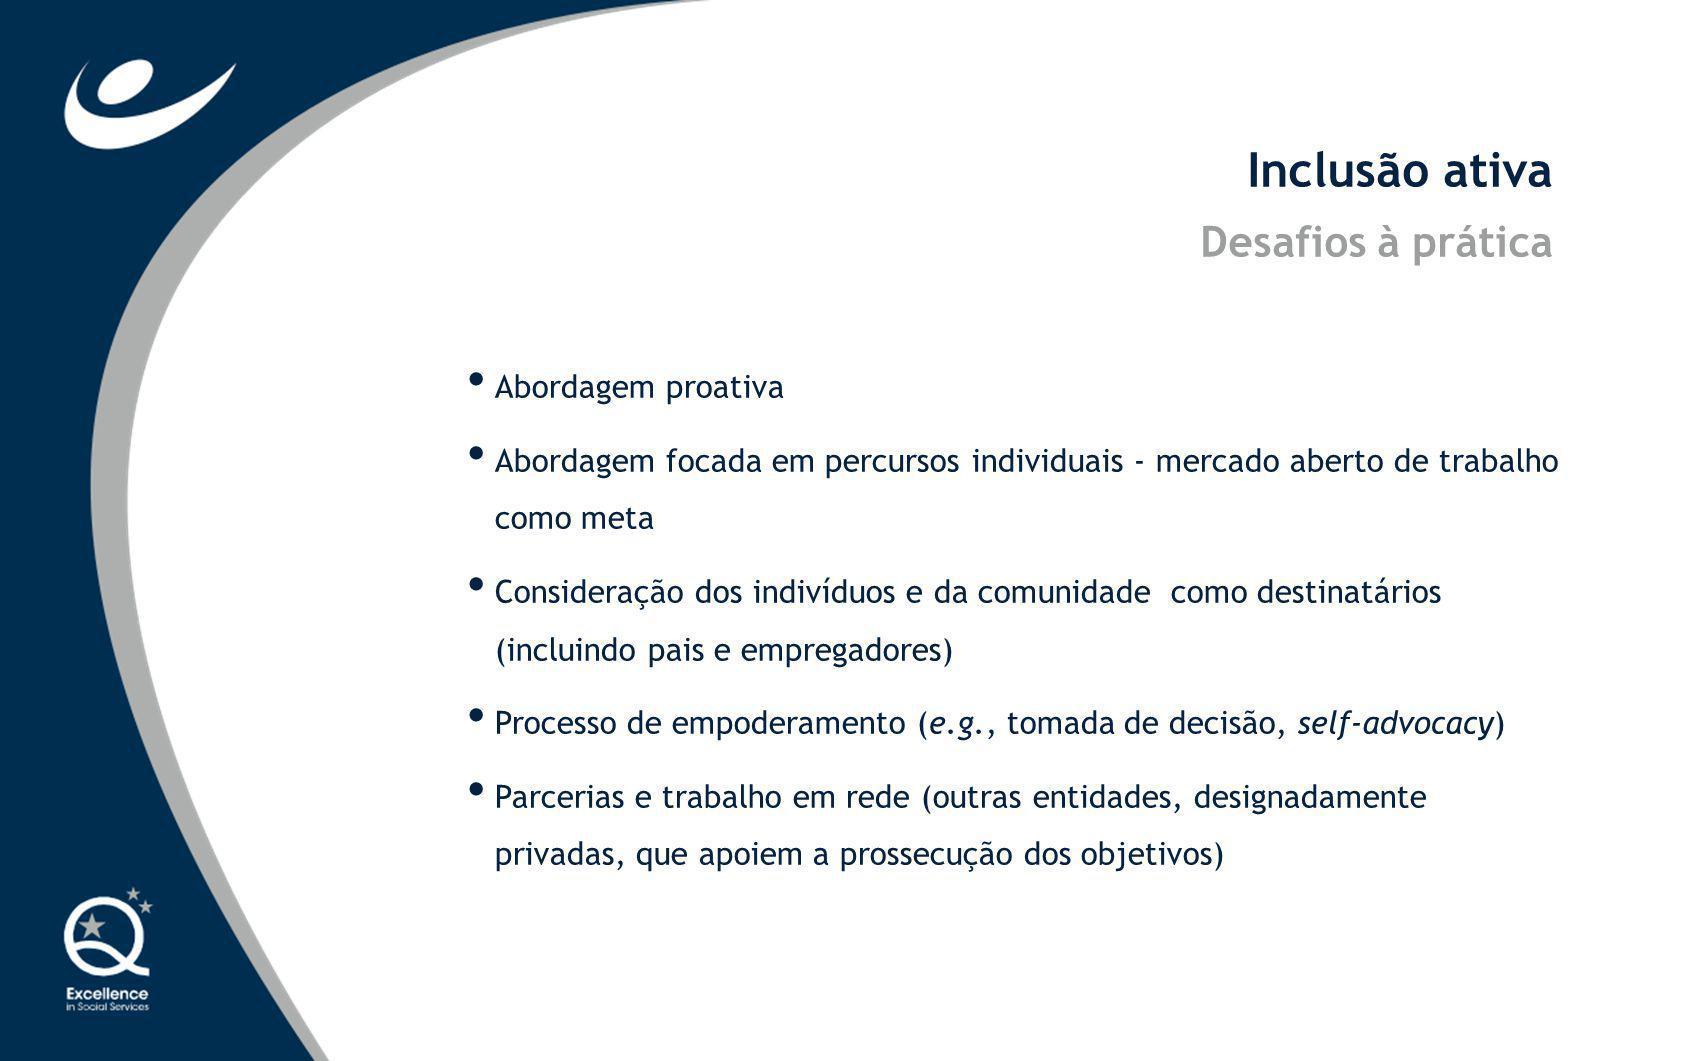 Inclusão ativa Desafios à prática Abordagem proativa Abordagem focada em percursos individuais - mercado aberto de trabalho como meta Consideração dos